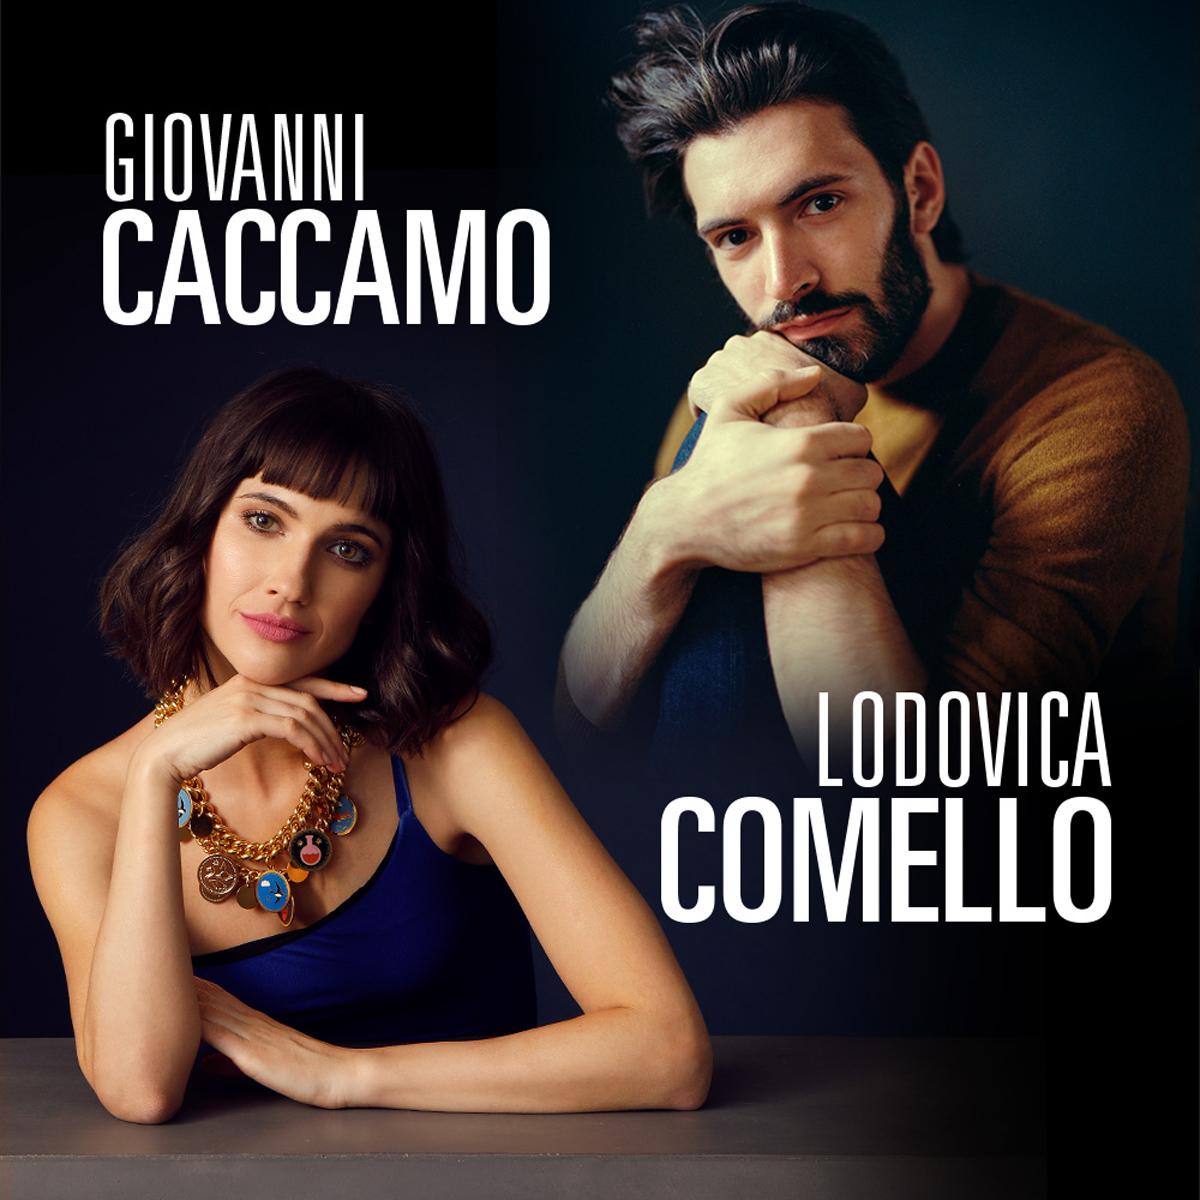 Lodovica Comello and Giovanni Caccamo in concert